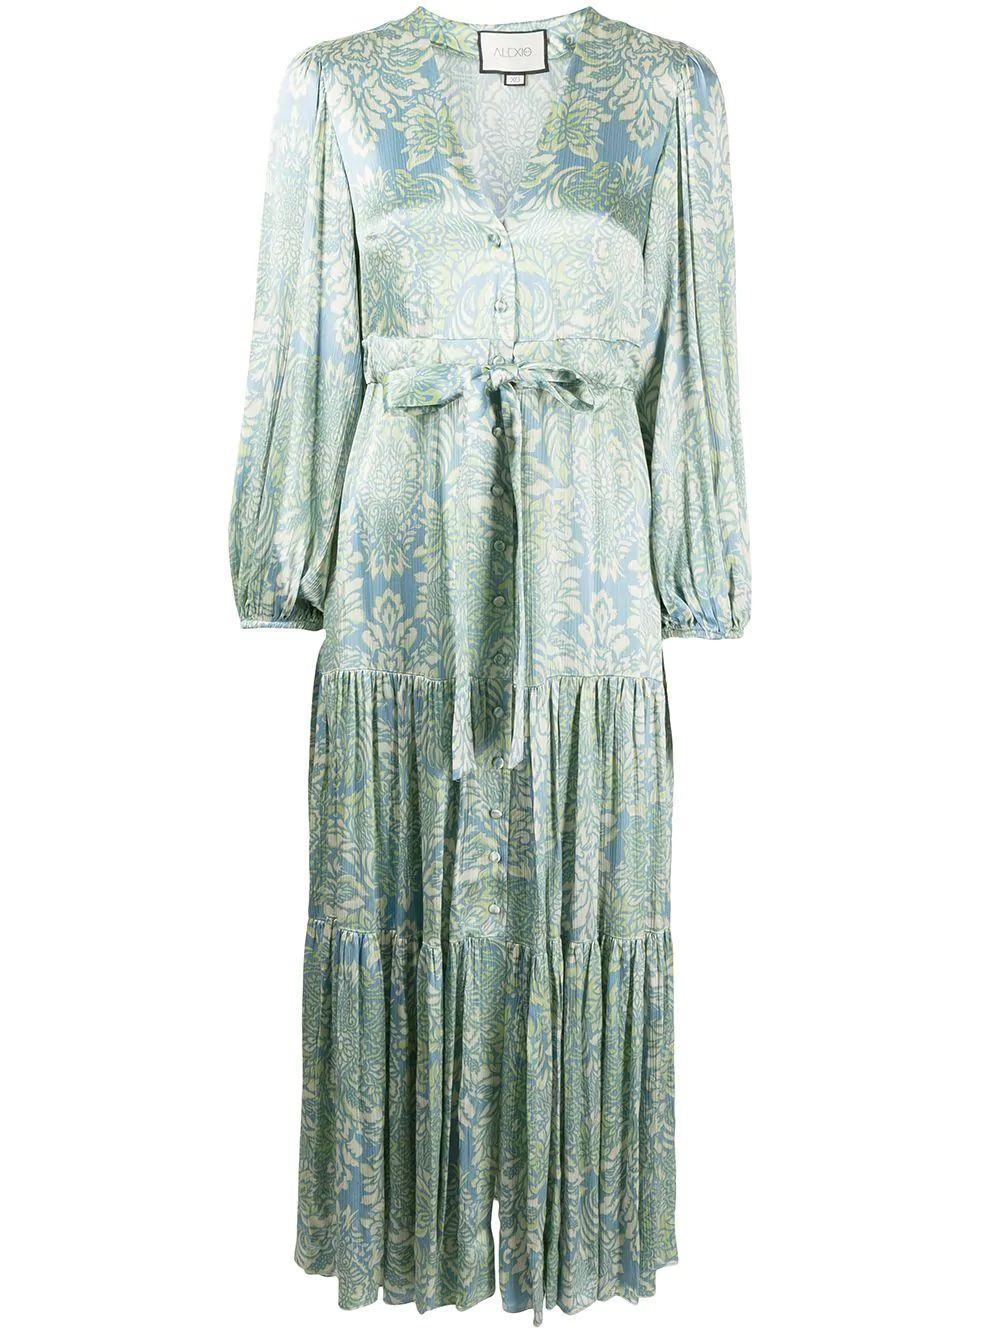 Fortuna Midi Dress Item # A5210433-6891